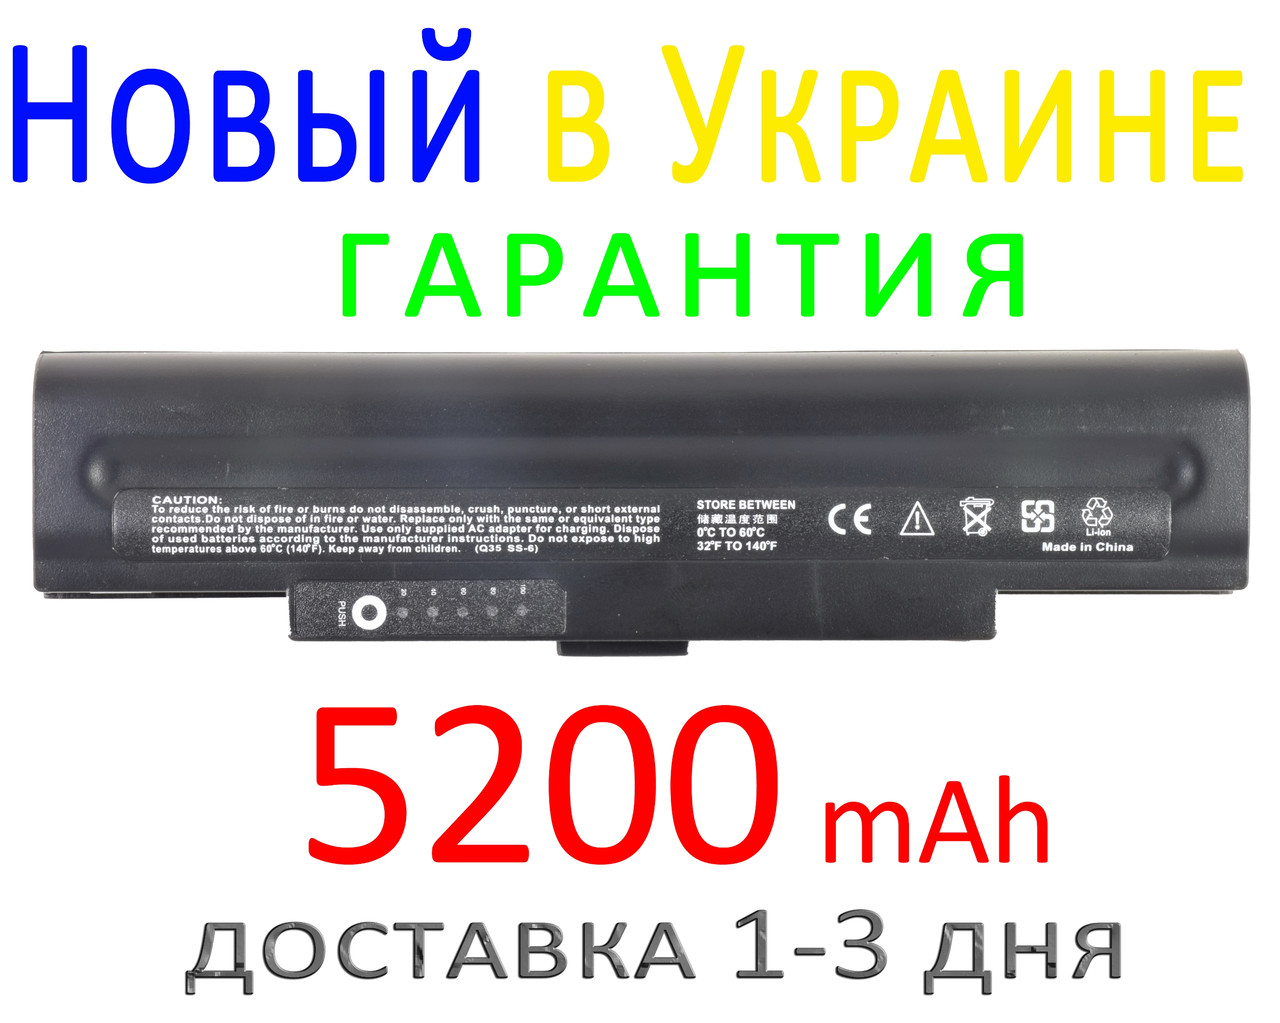 Аккумулятор батарея SAMSUNG NP-Q35 NP-Q45 NP-Q70 Q35 Pro Q45 Aura Q70 Aura Q70-A003 Q70-XY06